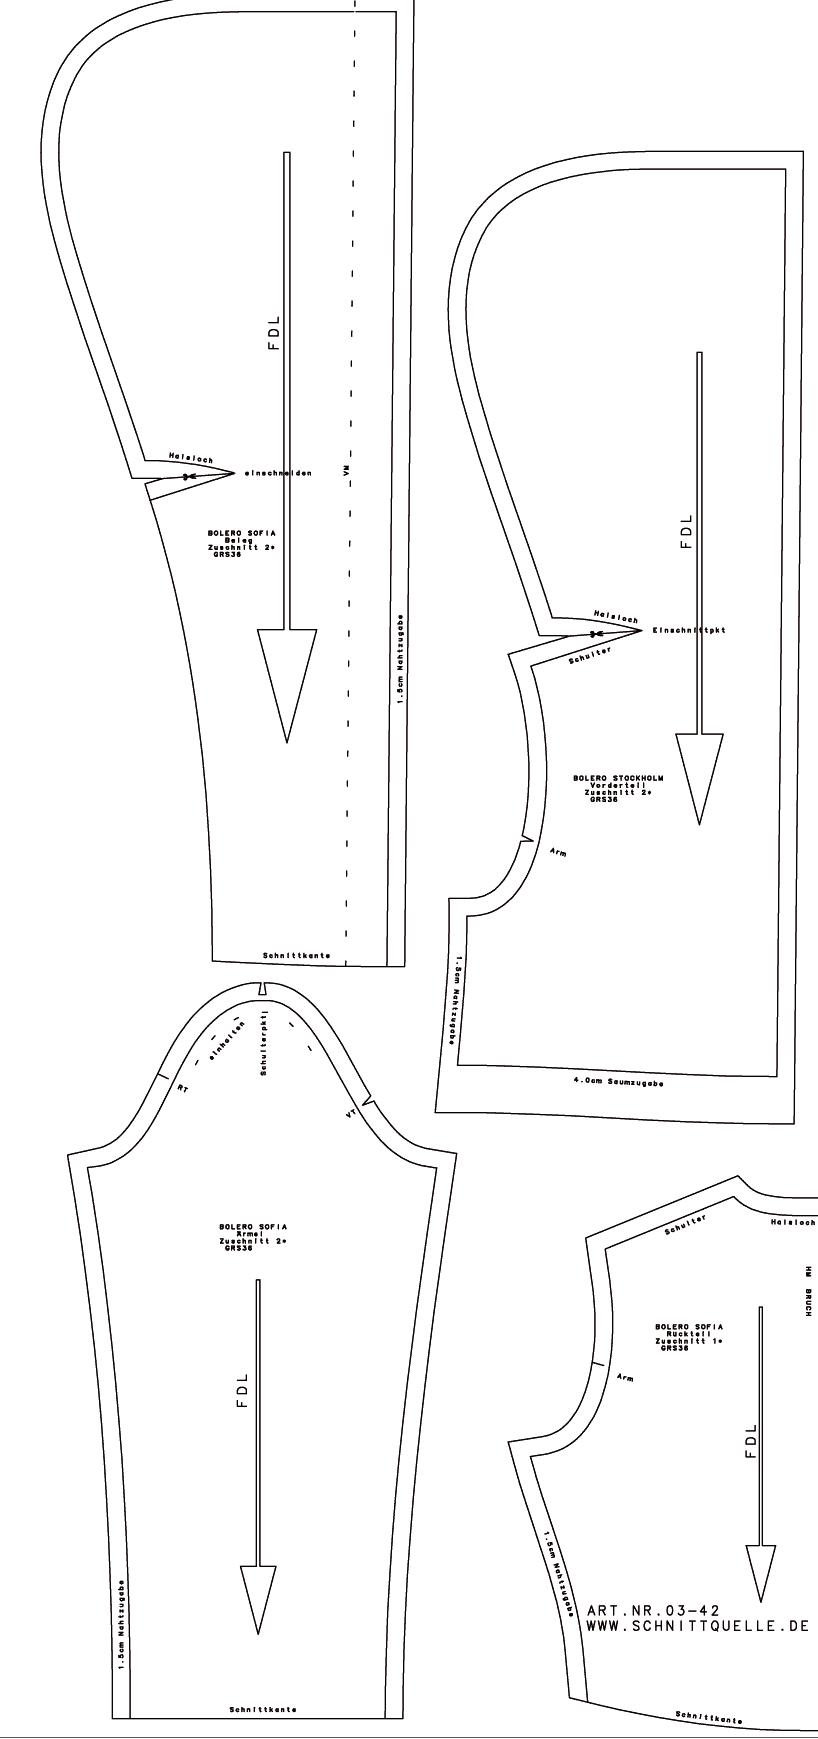 Schnittmuster designer - Sport-Startseite Shopping